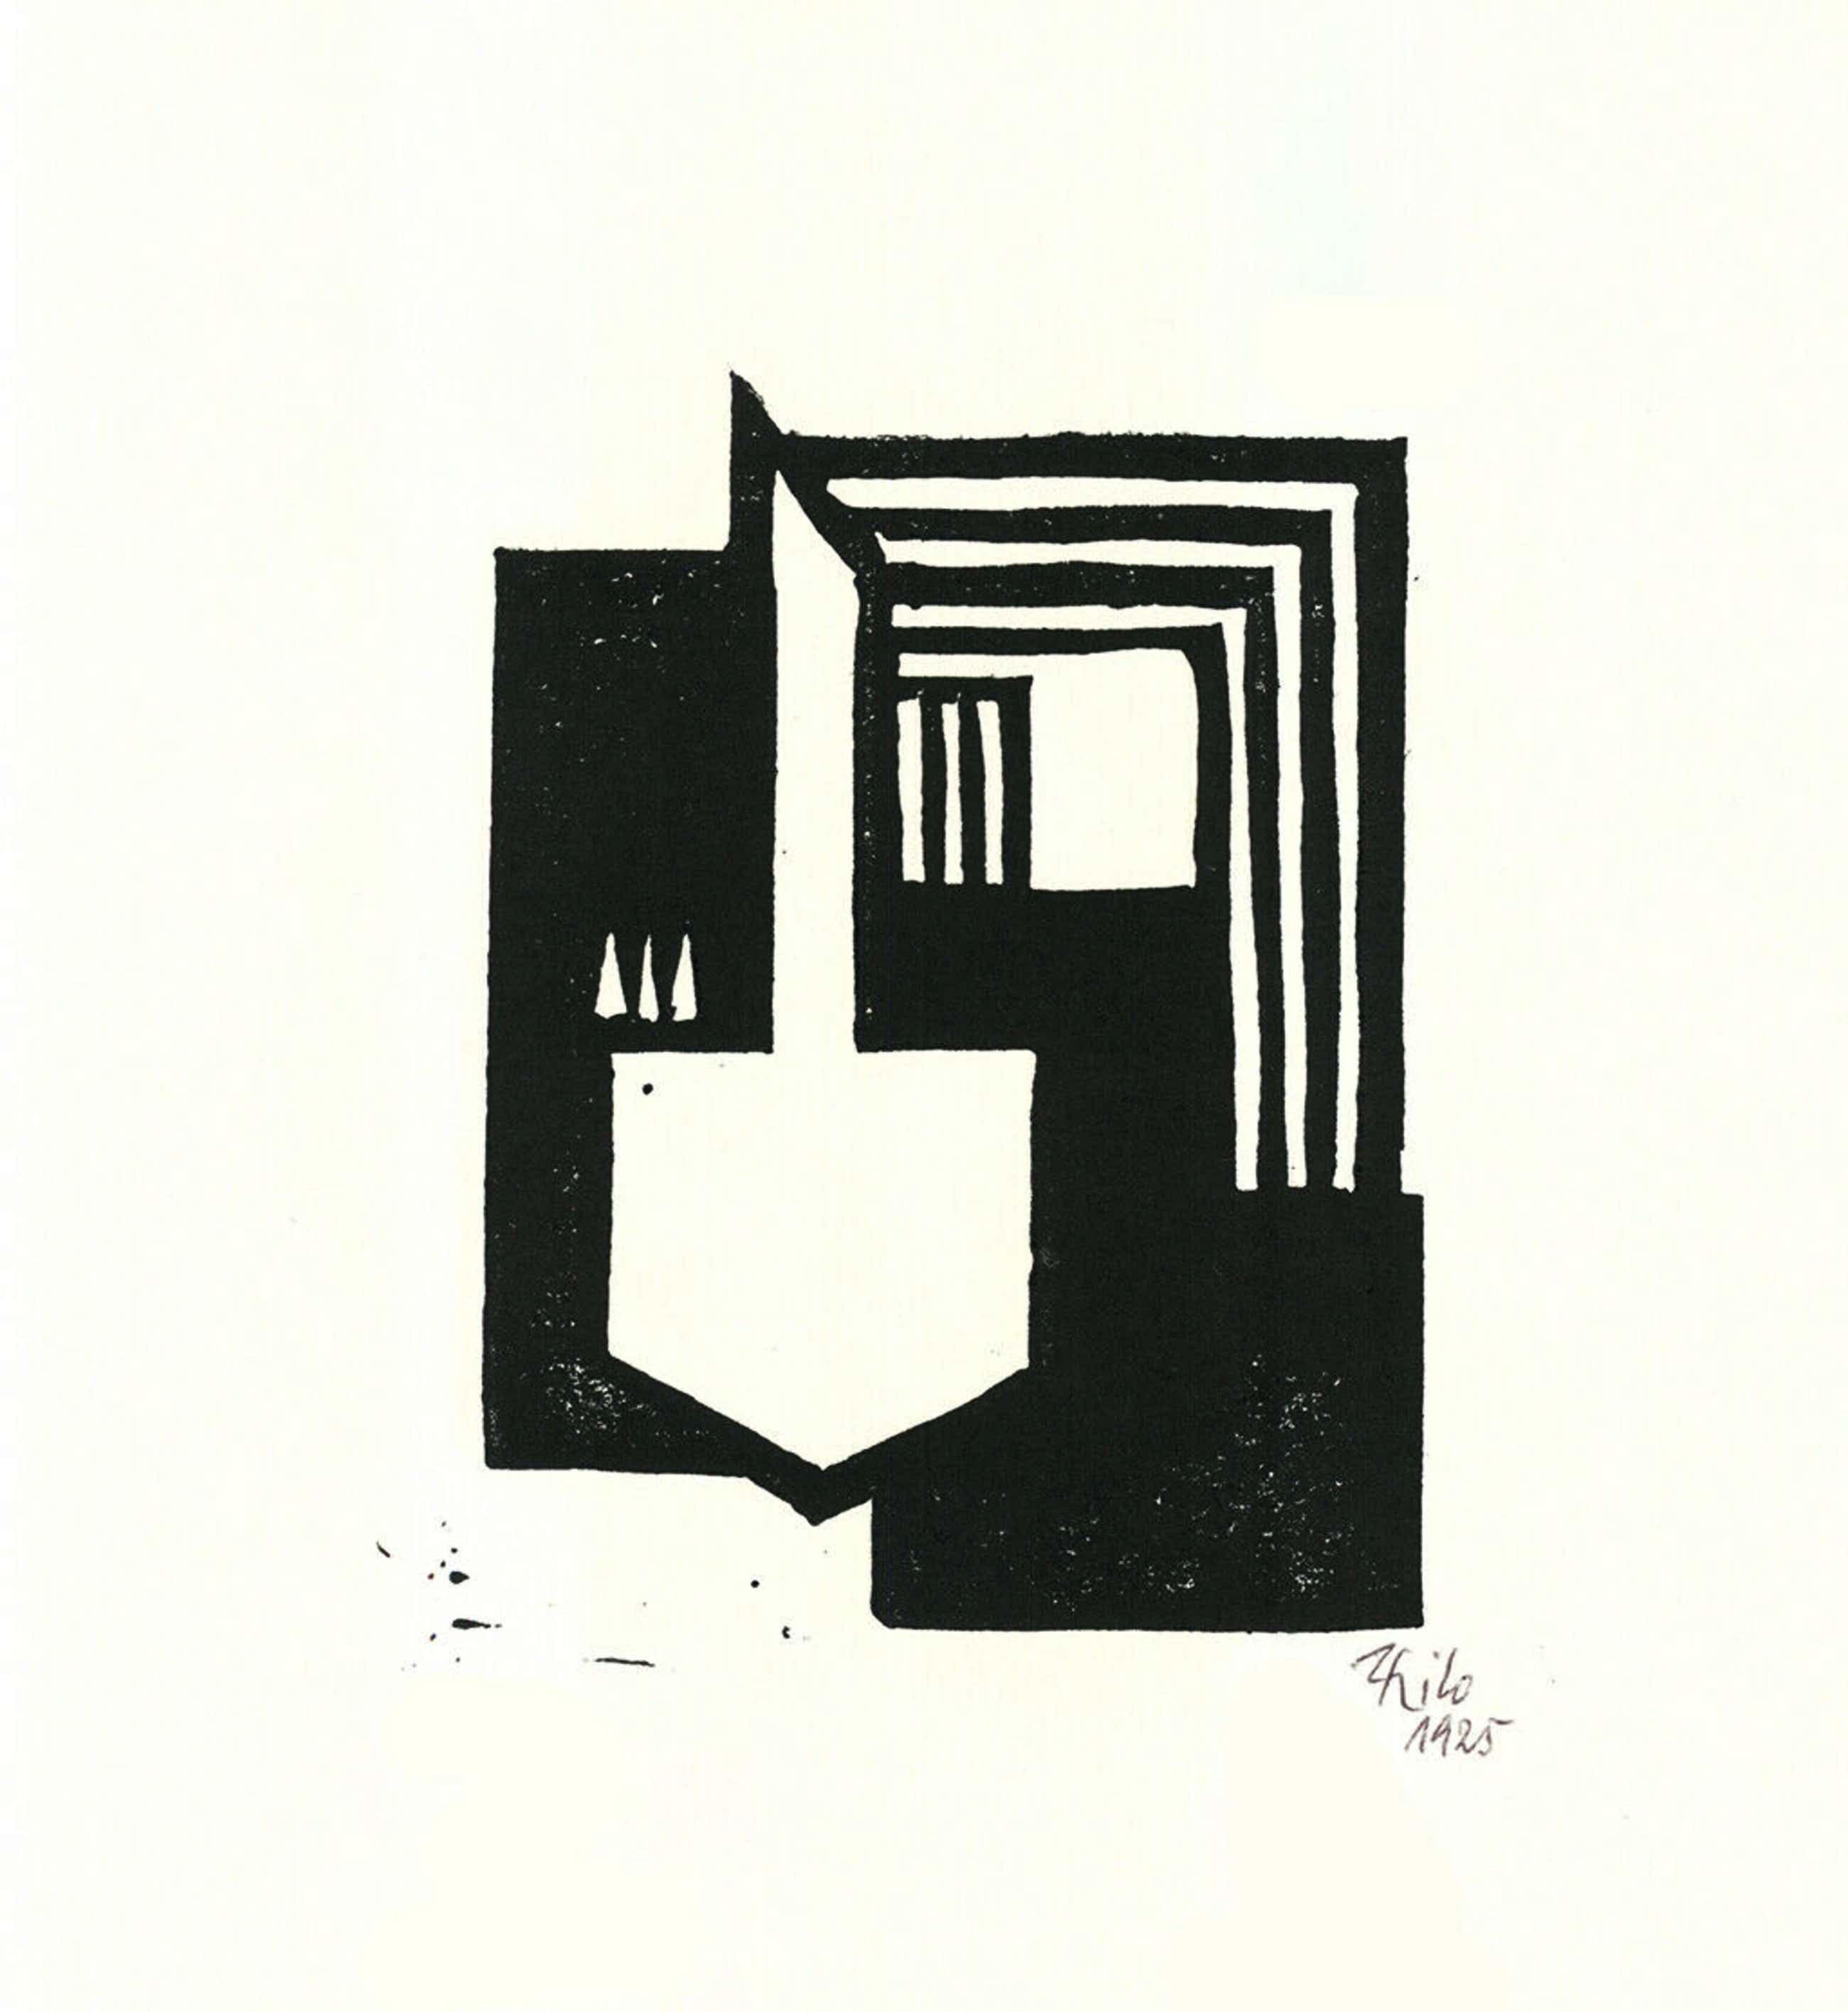 Thilo Maatsch - Handgesigneerde houtsnede: Geometrische Compositie kopen? Bied vanaf 40!